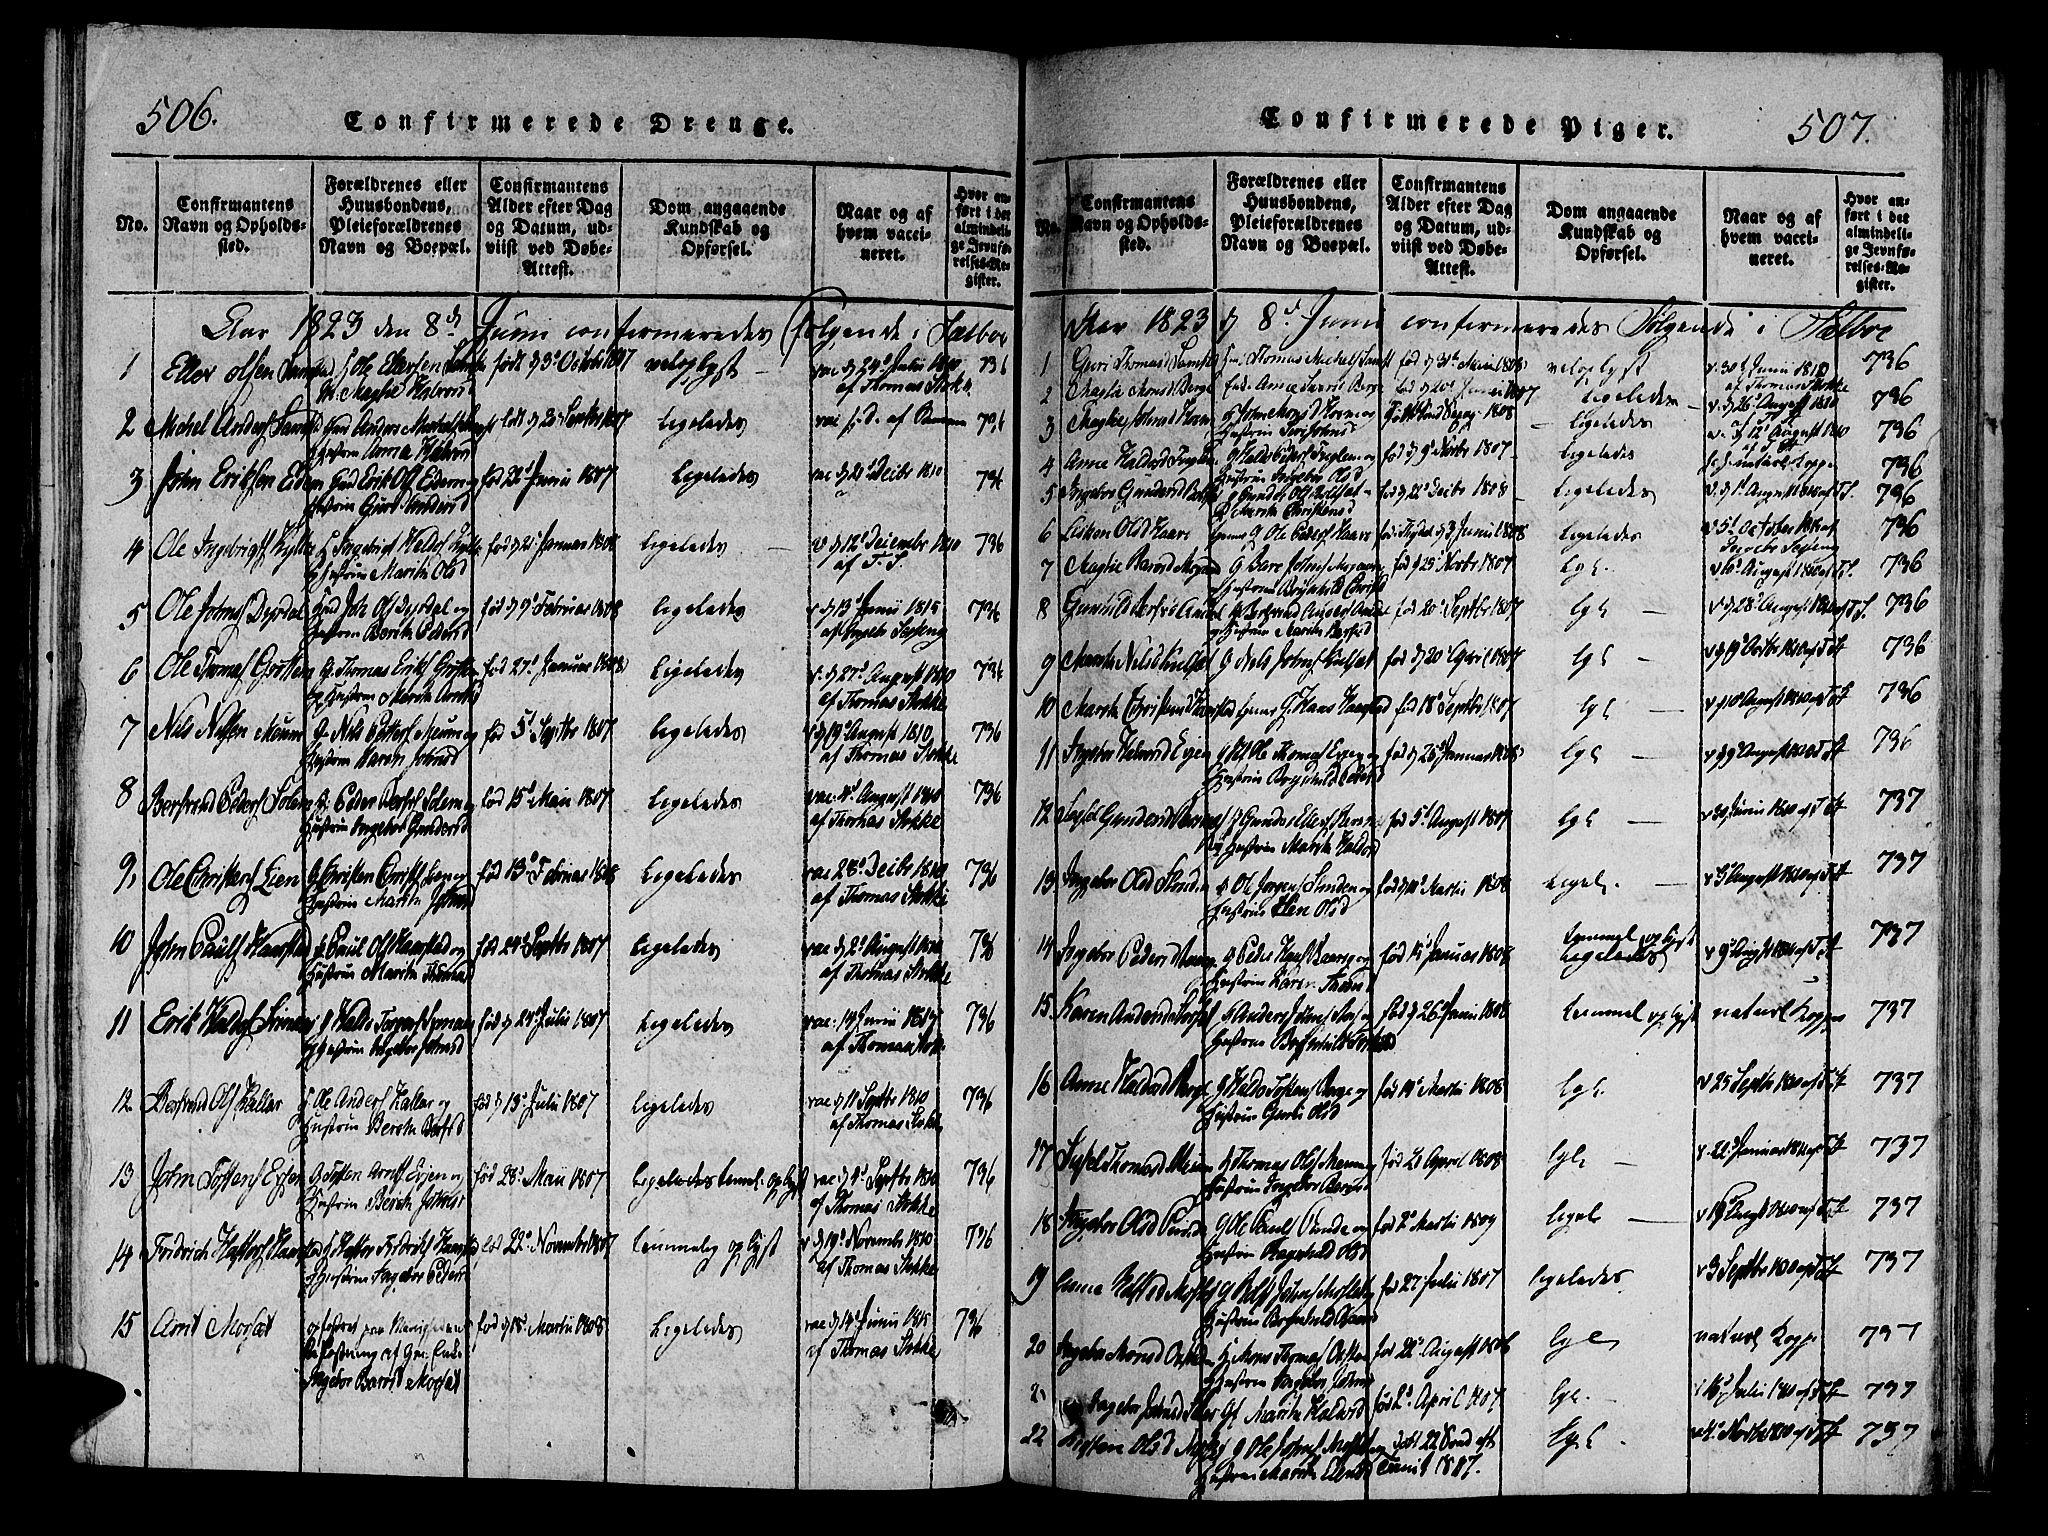 SAT, Ministerialprotokoller, klokkerbøker og fødselsregistre - Sør-Trøndelag, 695/L1141: Ministerialbok nr. 695A04 /1, 1816-1824, s. 506-507